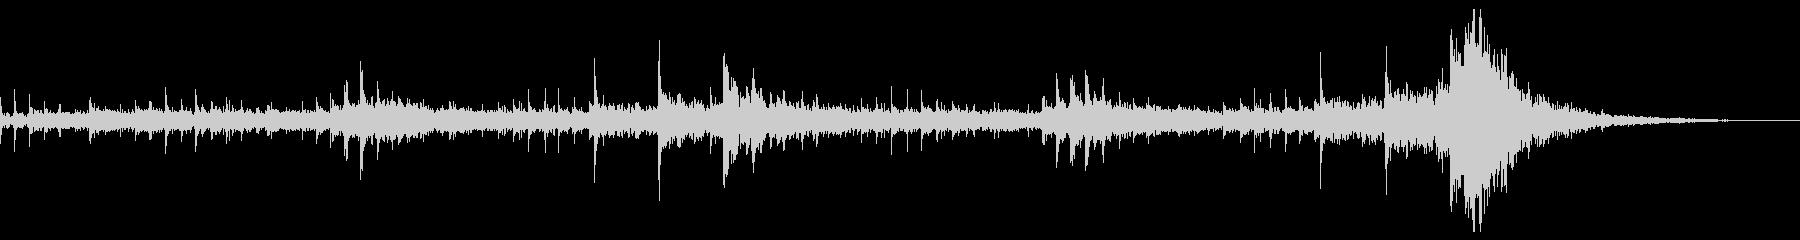 リバースシンバルなしのサスペンス5...の未再生の波形